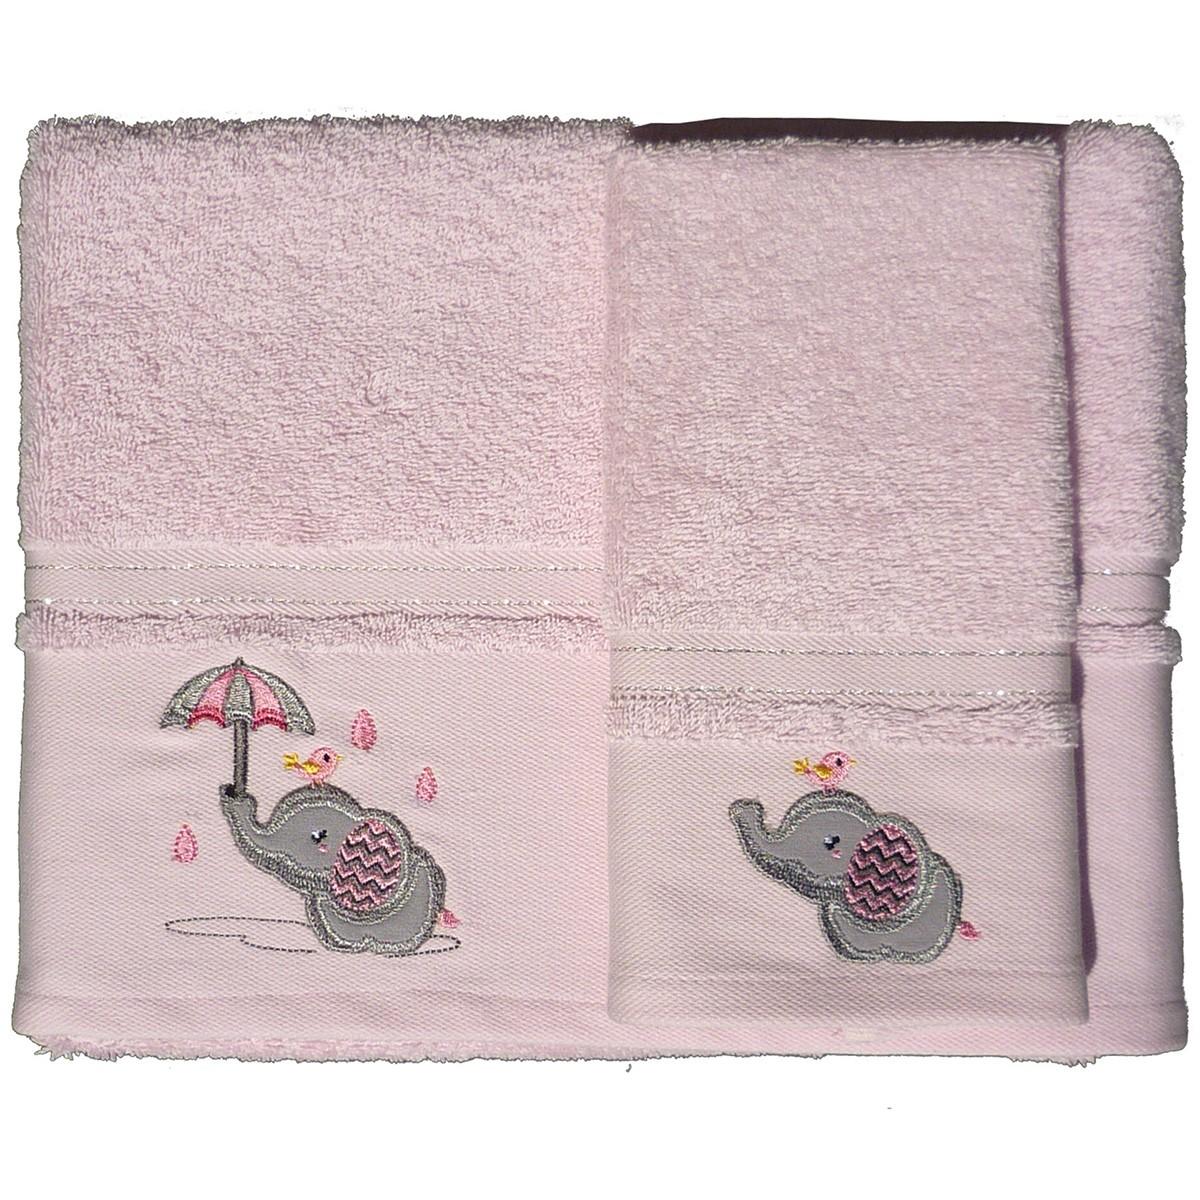 Βρεφικές Πετσέτες (Σετ 2τμχ) Morven Rainy Pink 1808/04